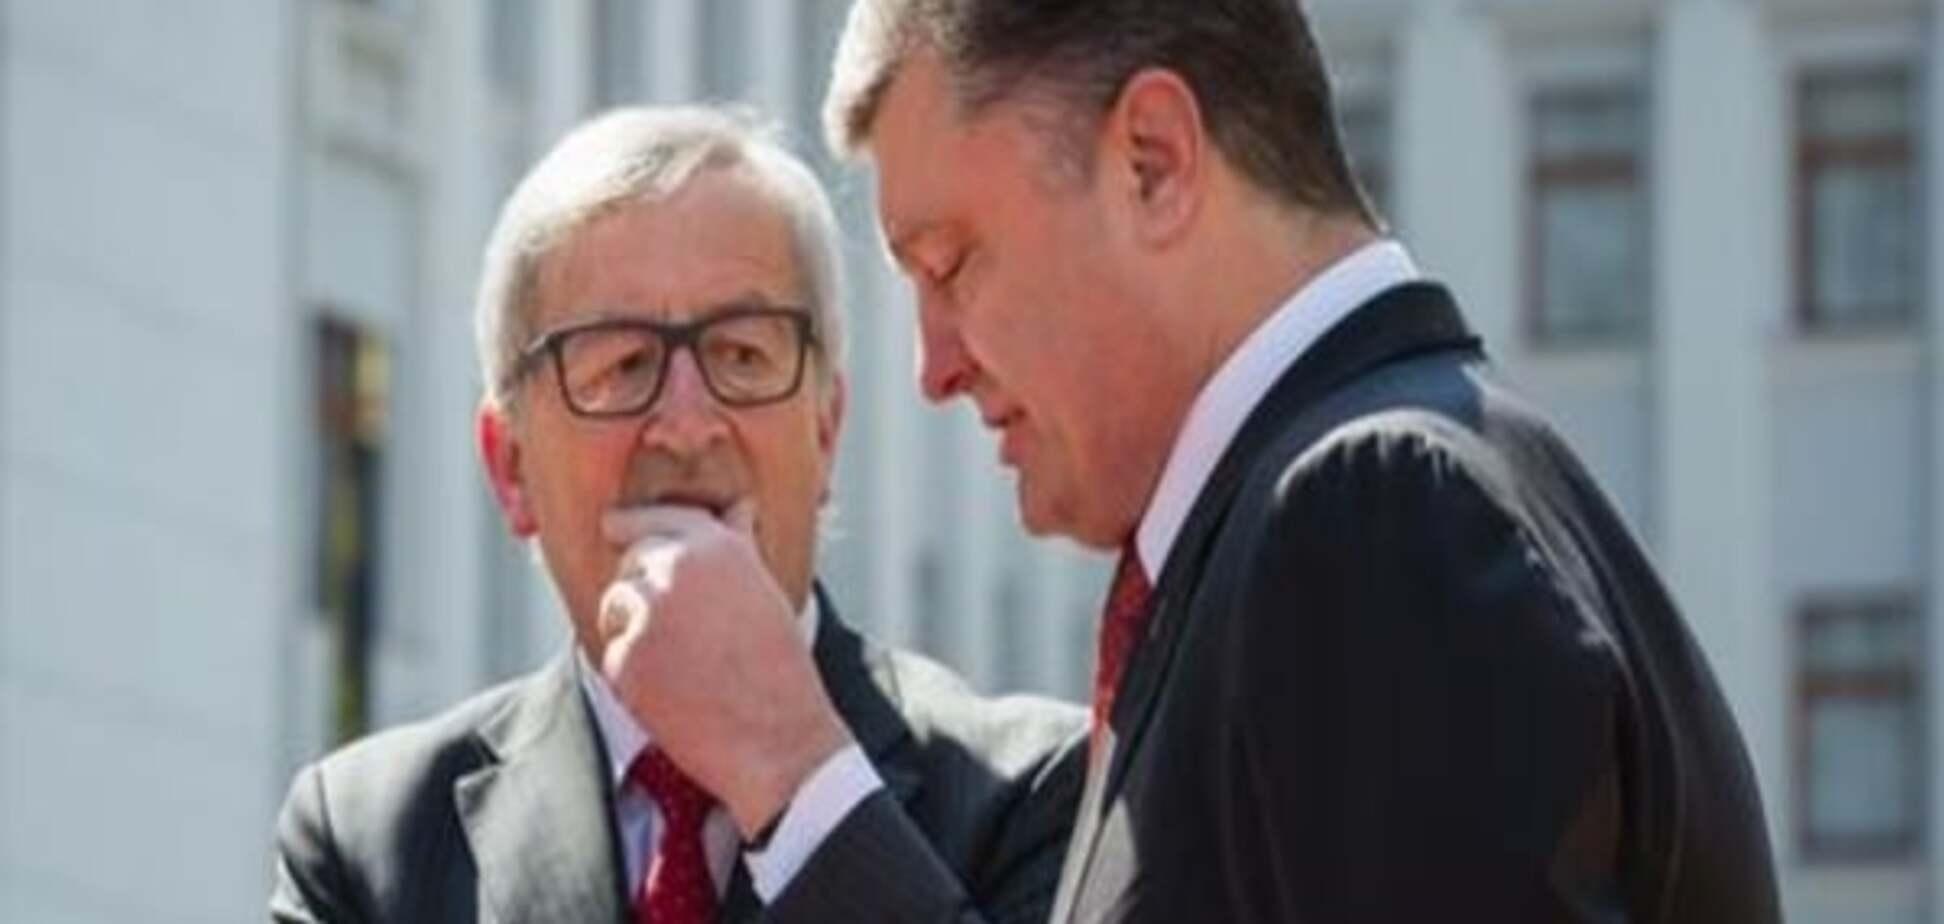 Єврокомісія очікує від Києва боротьби з корупцією на шляху лібералізації візового режиму